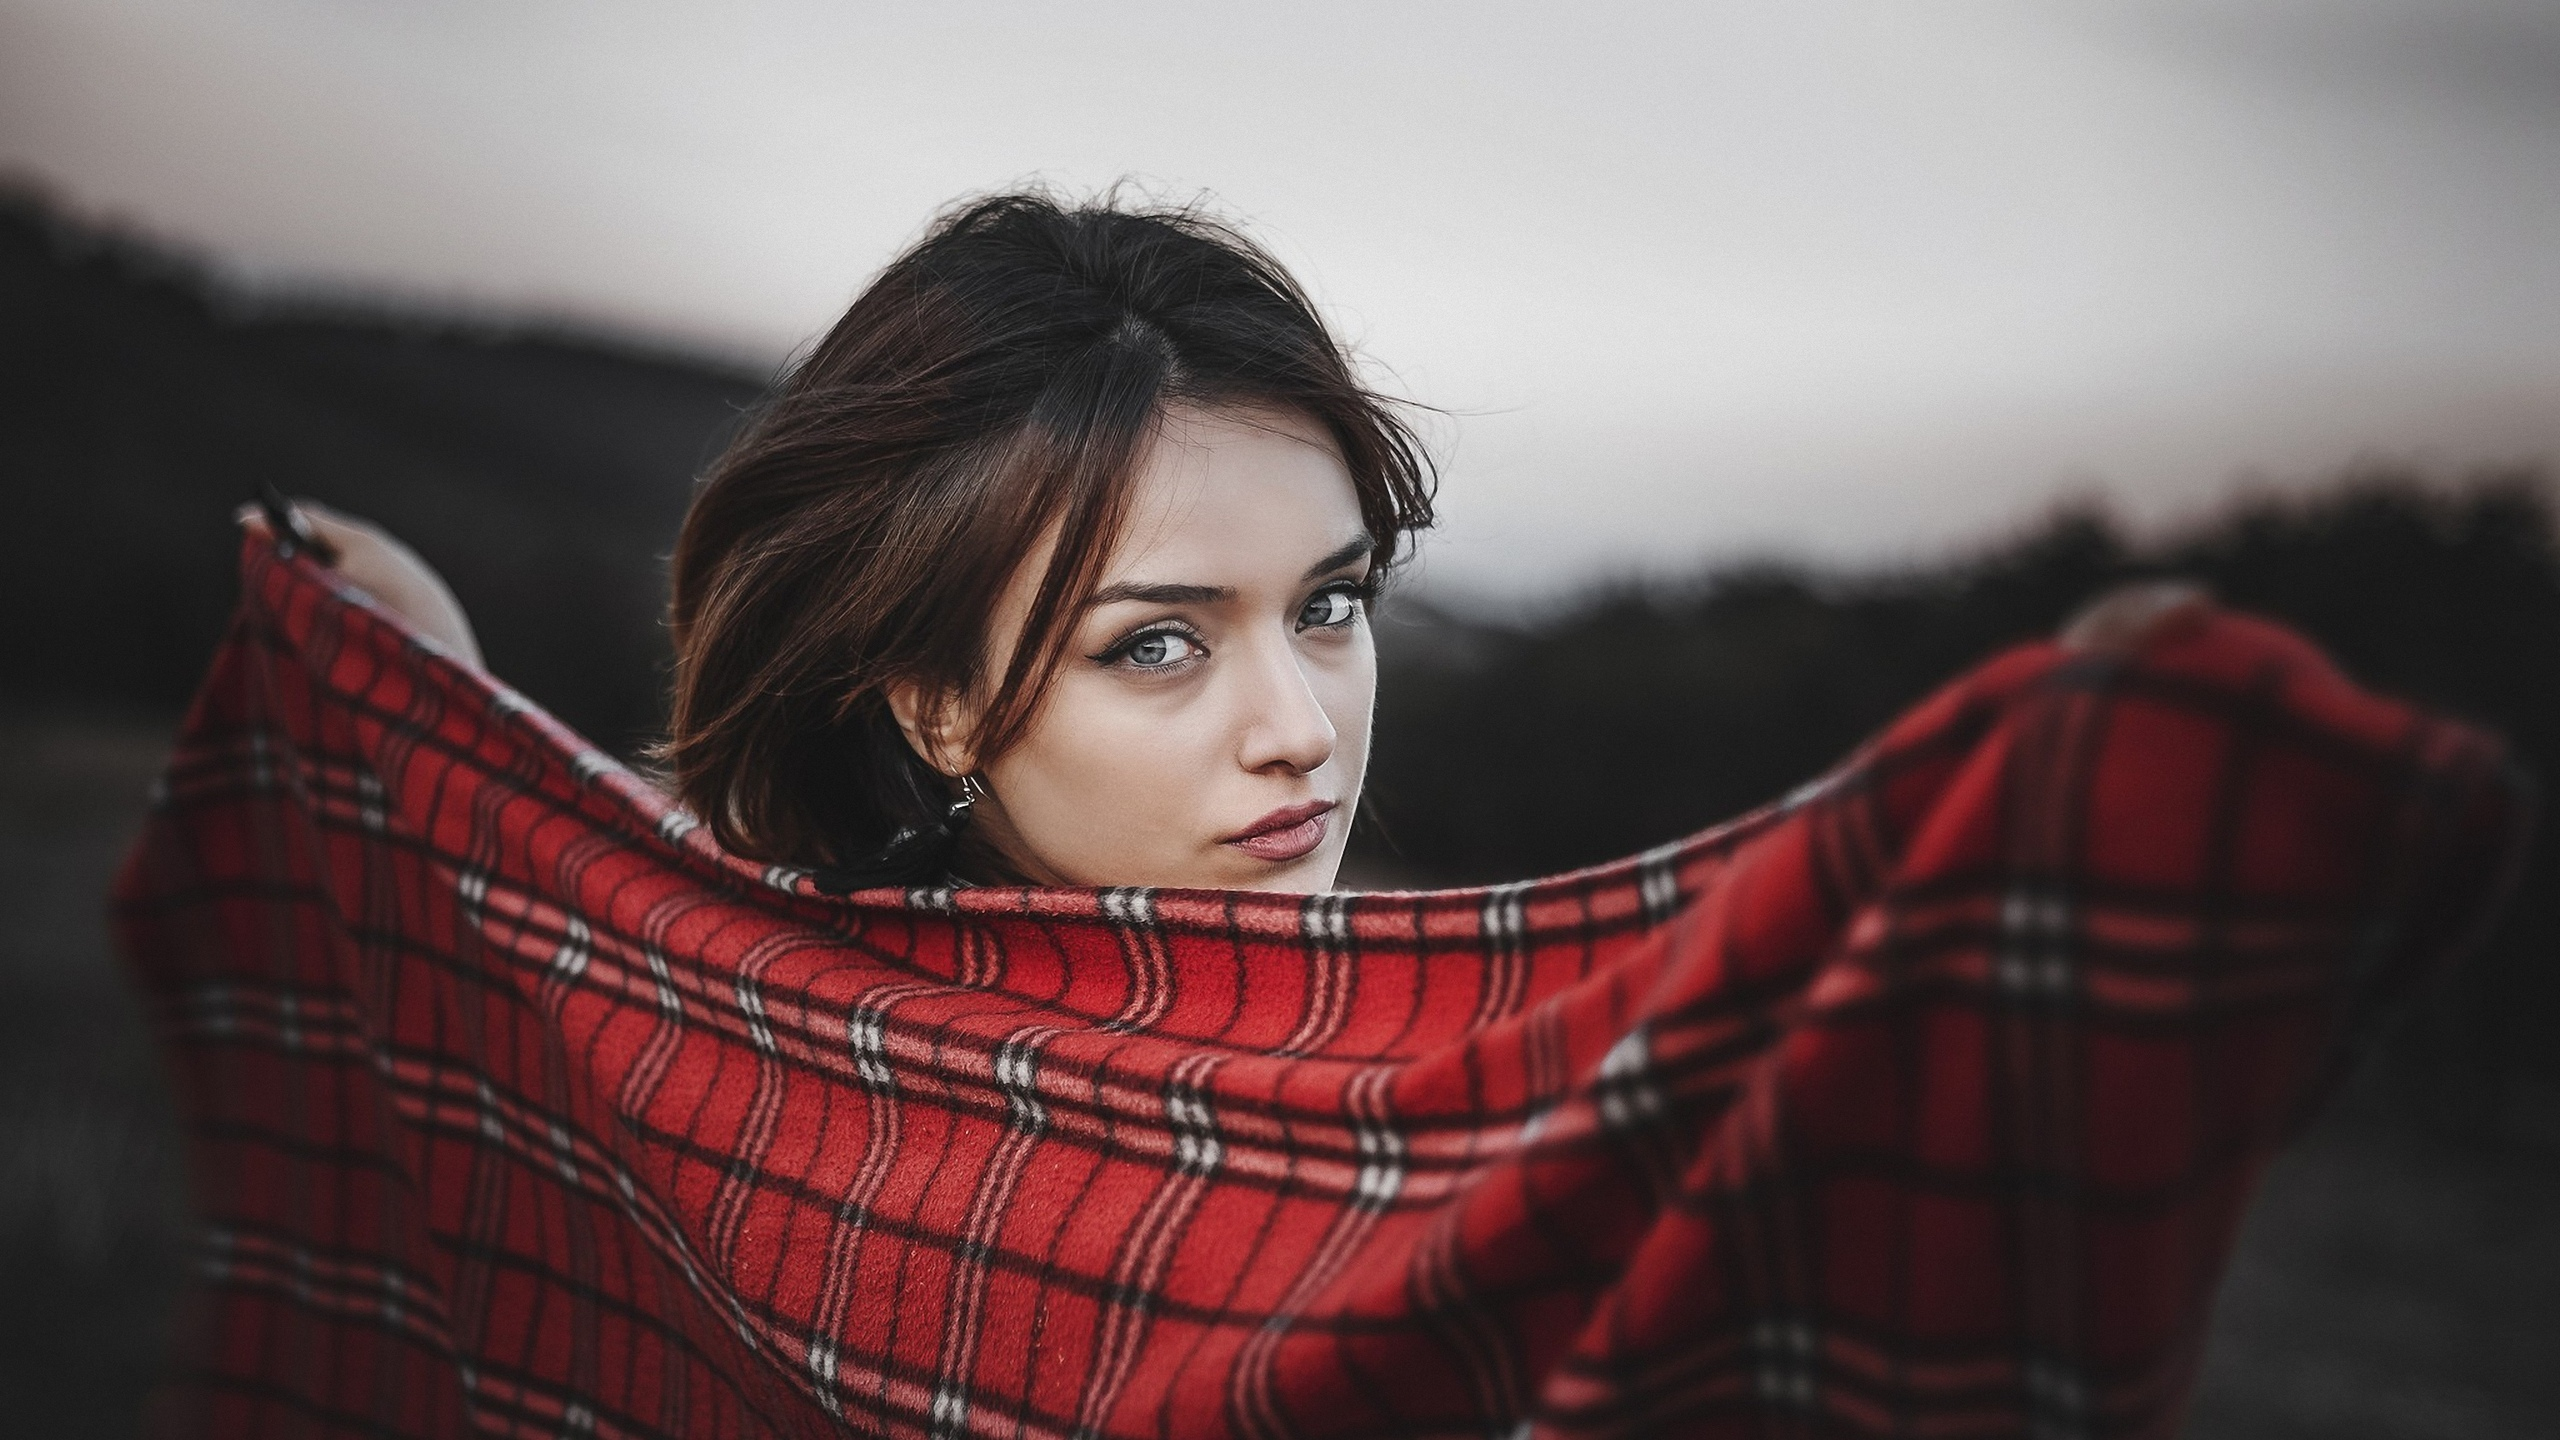 девушка, брюнетка, взгляд, плед, портрет